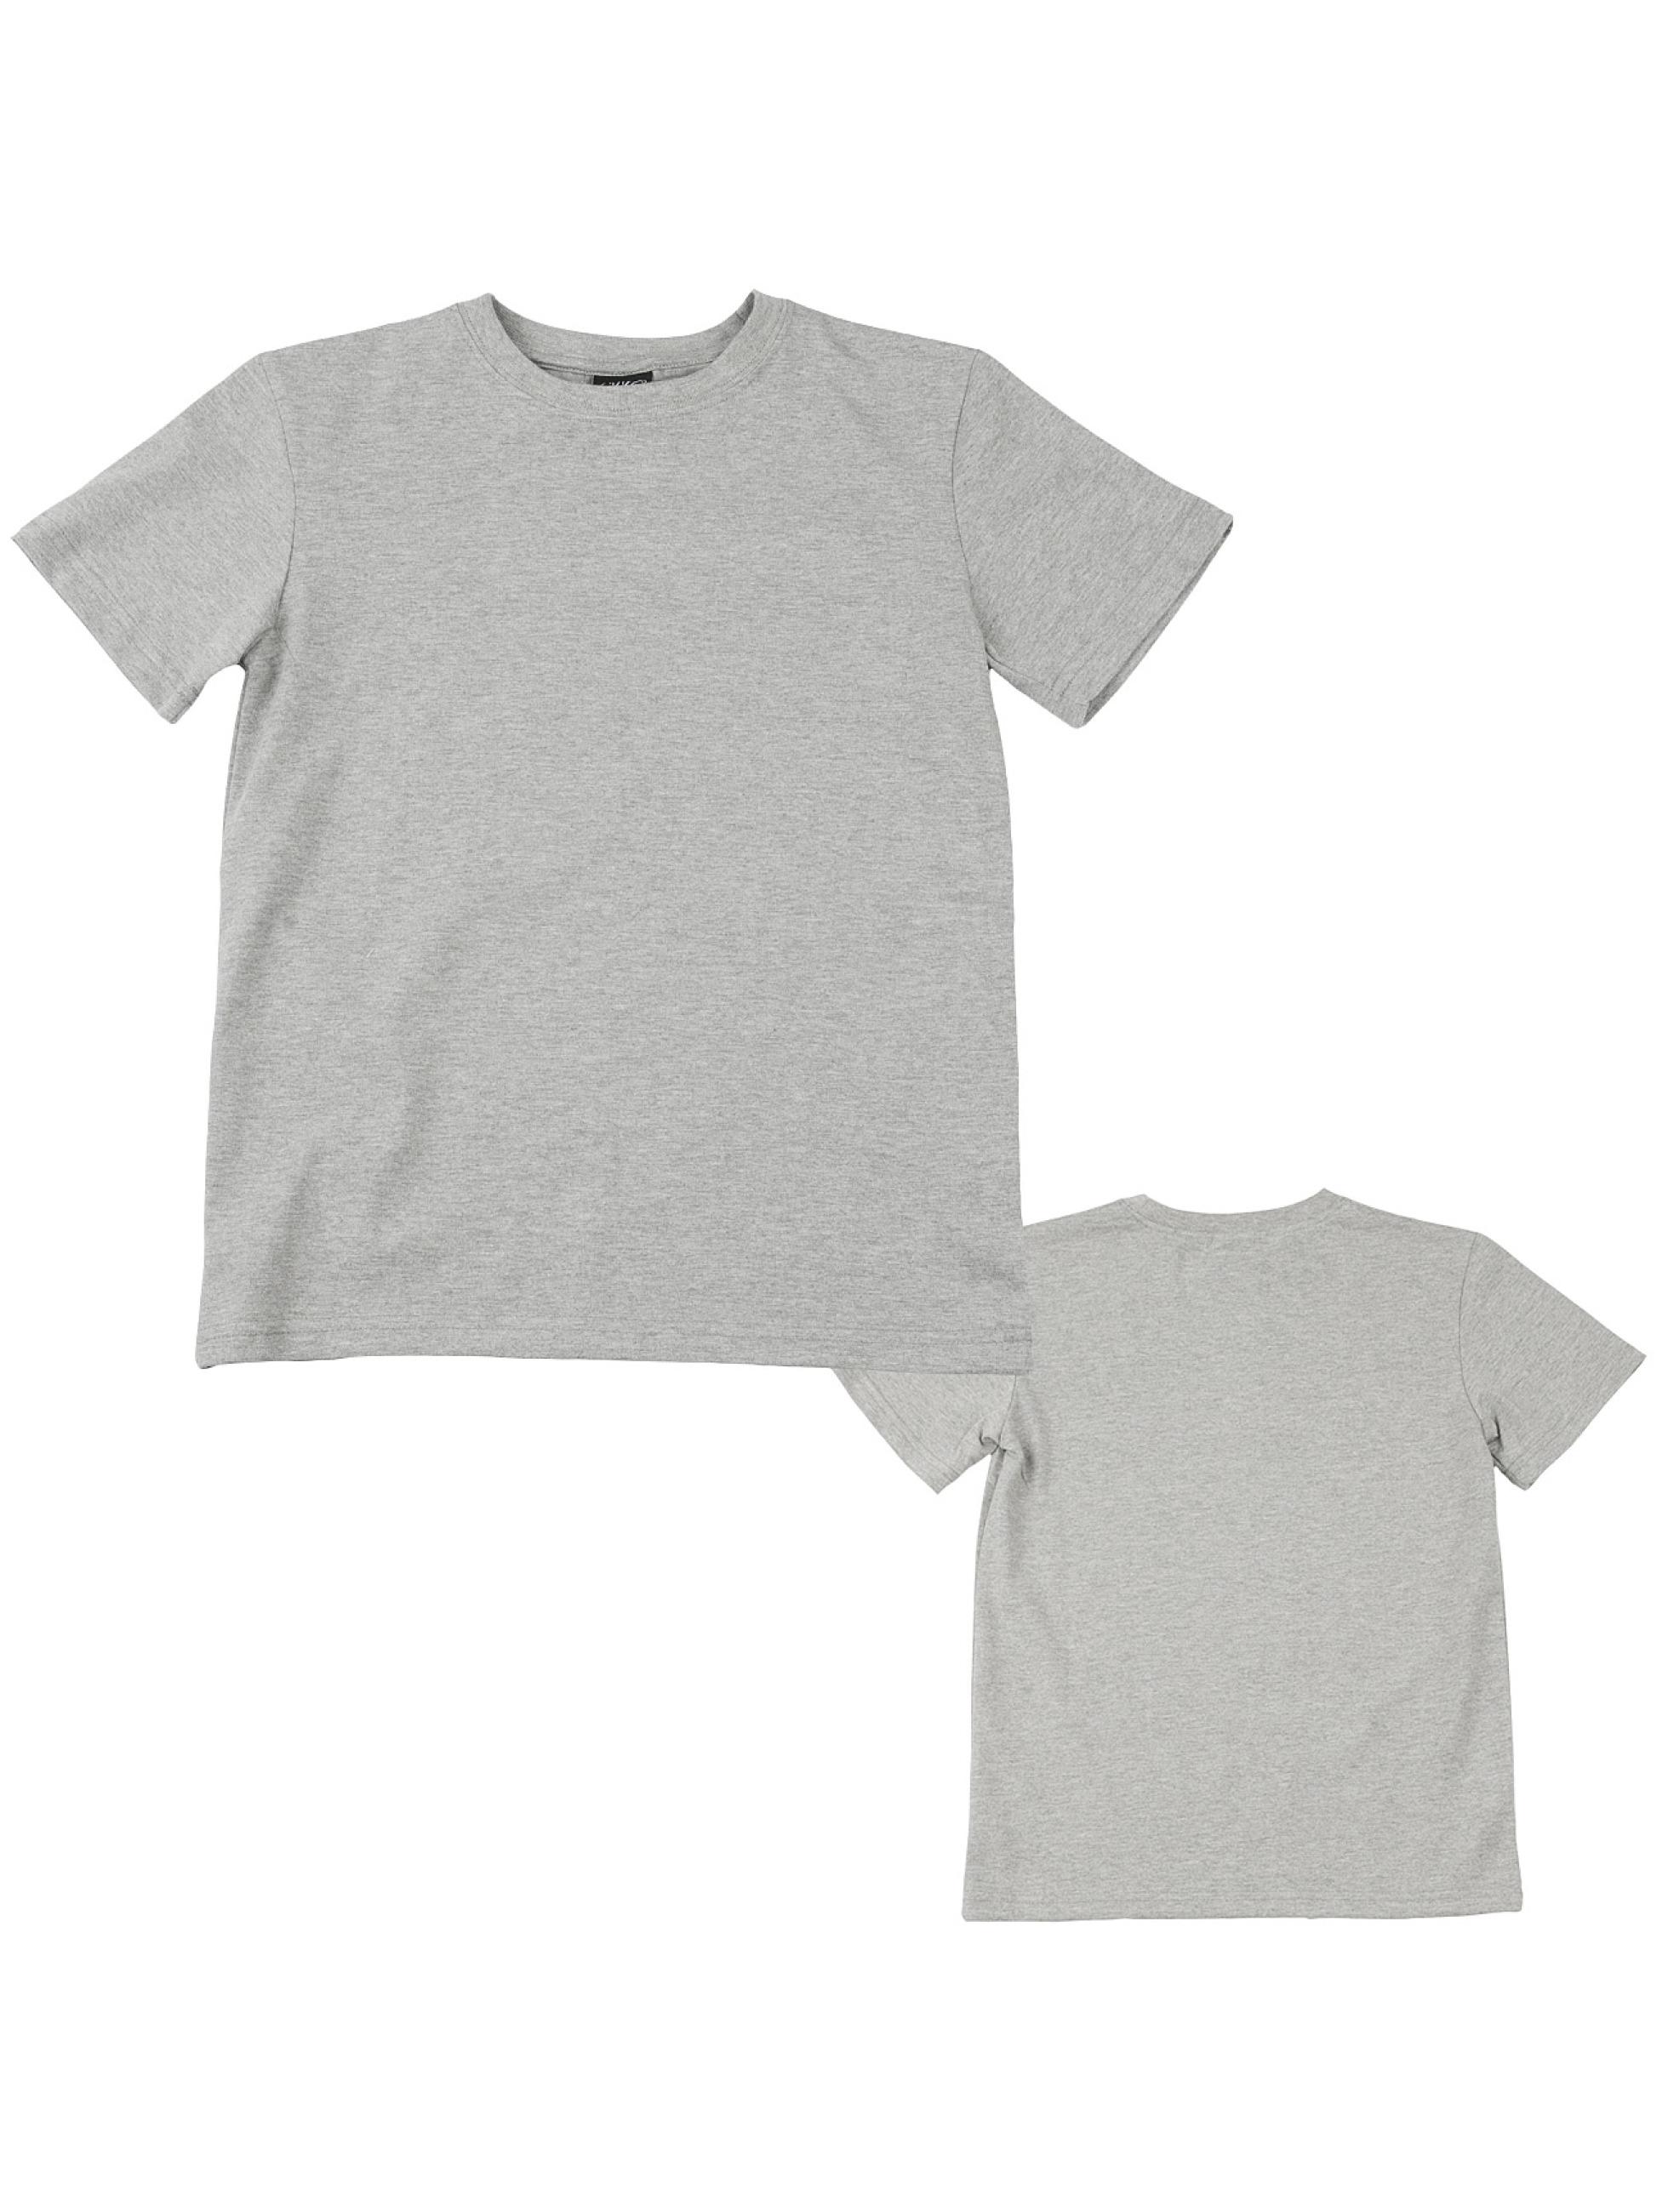 Urban Classics Camiseta Kids Basic gris